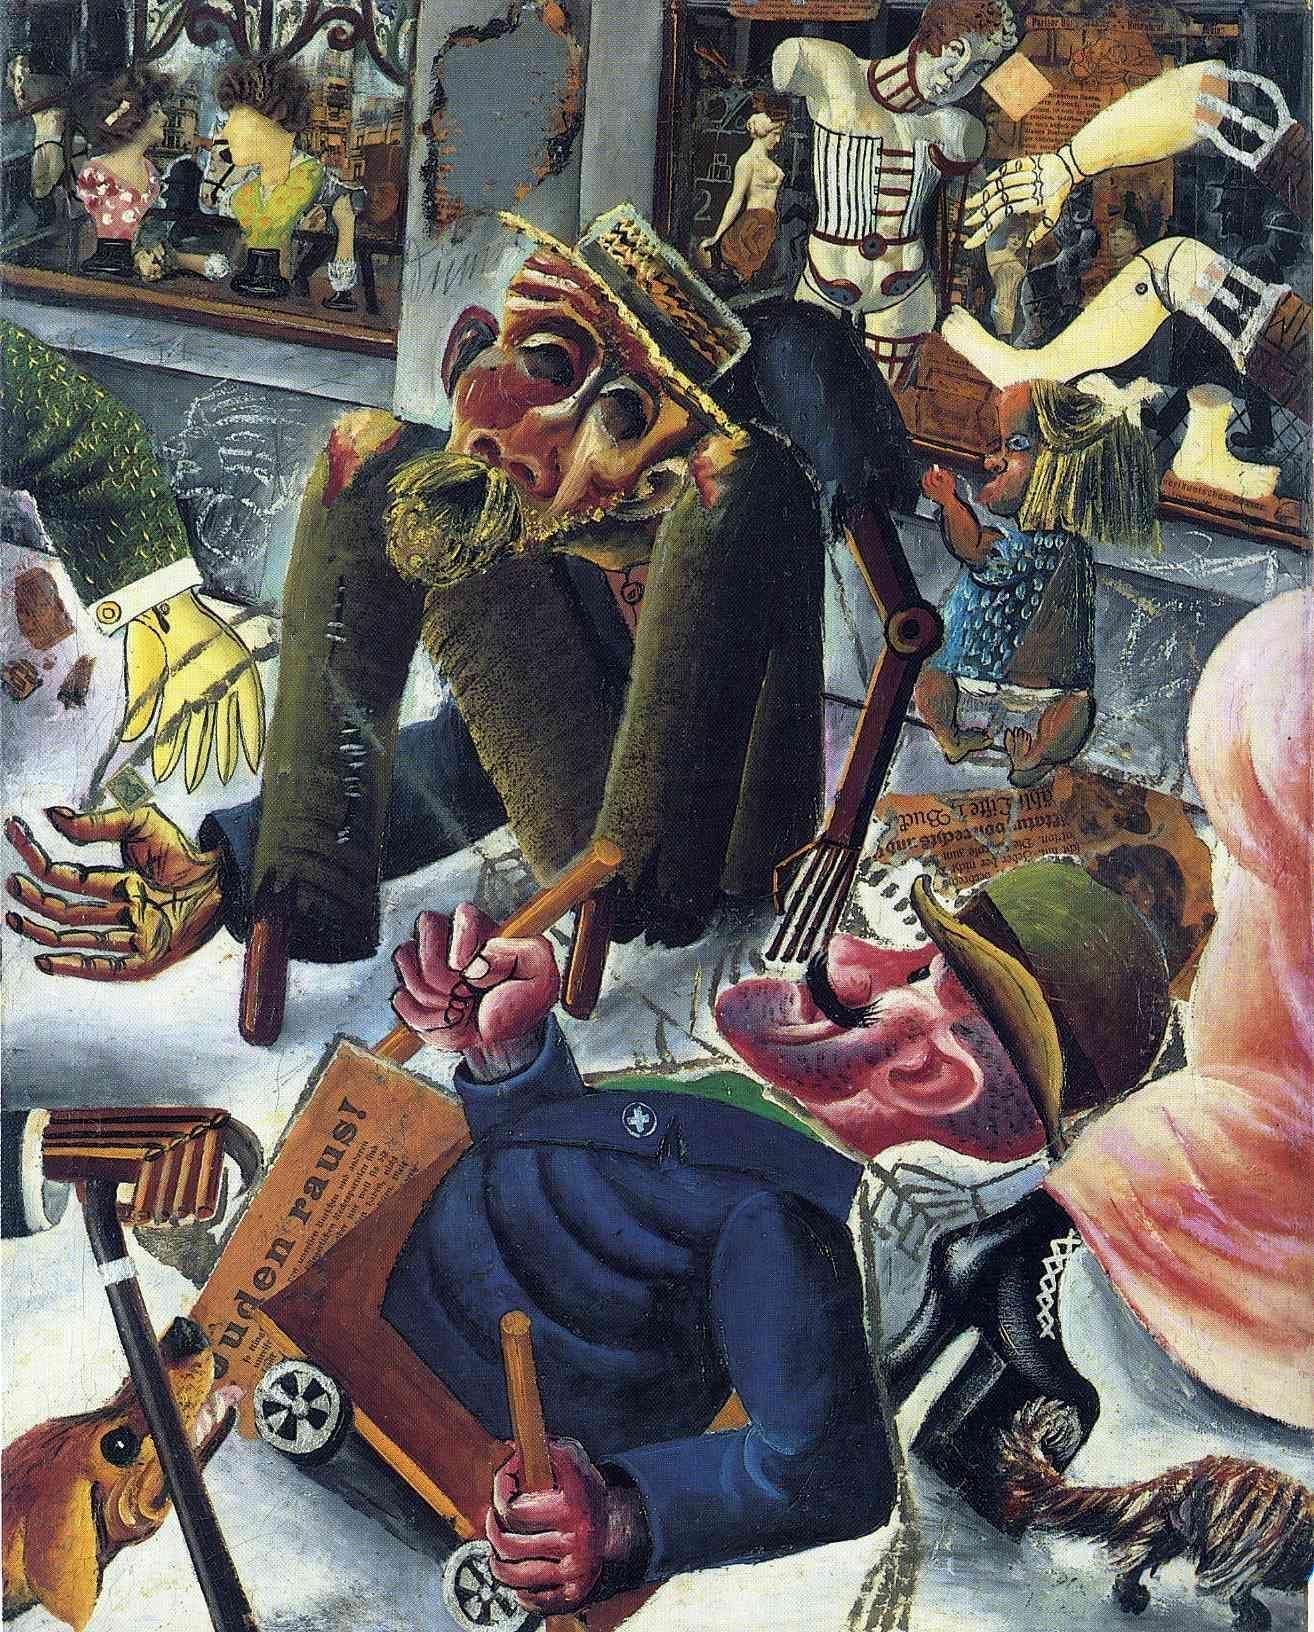 До нацизма: в Италии впервые за 30 лет представлены немецкие художники Веймарской Республики